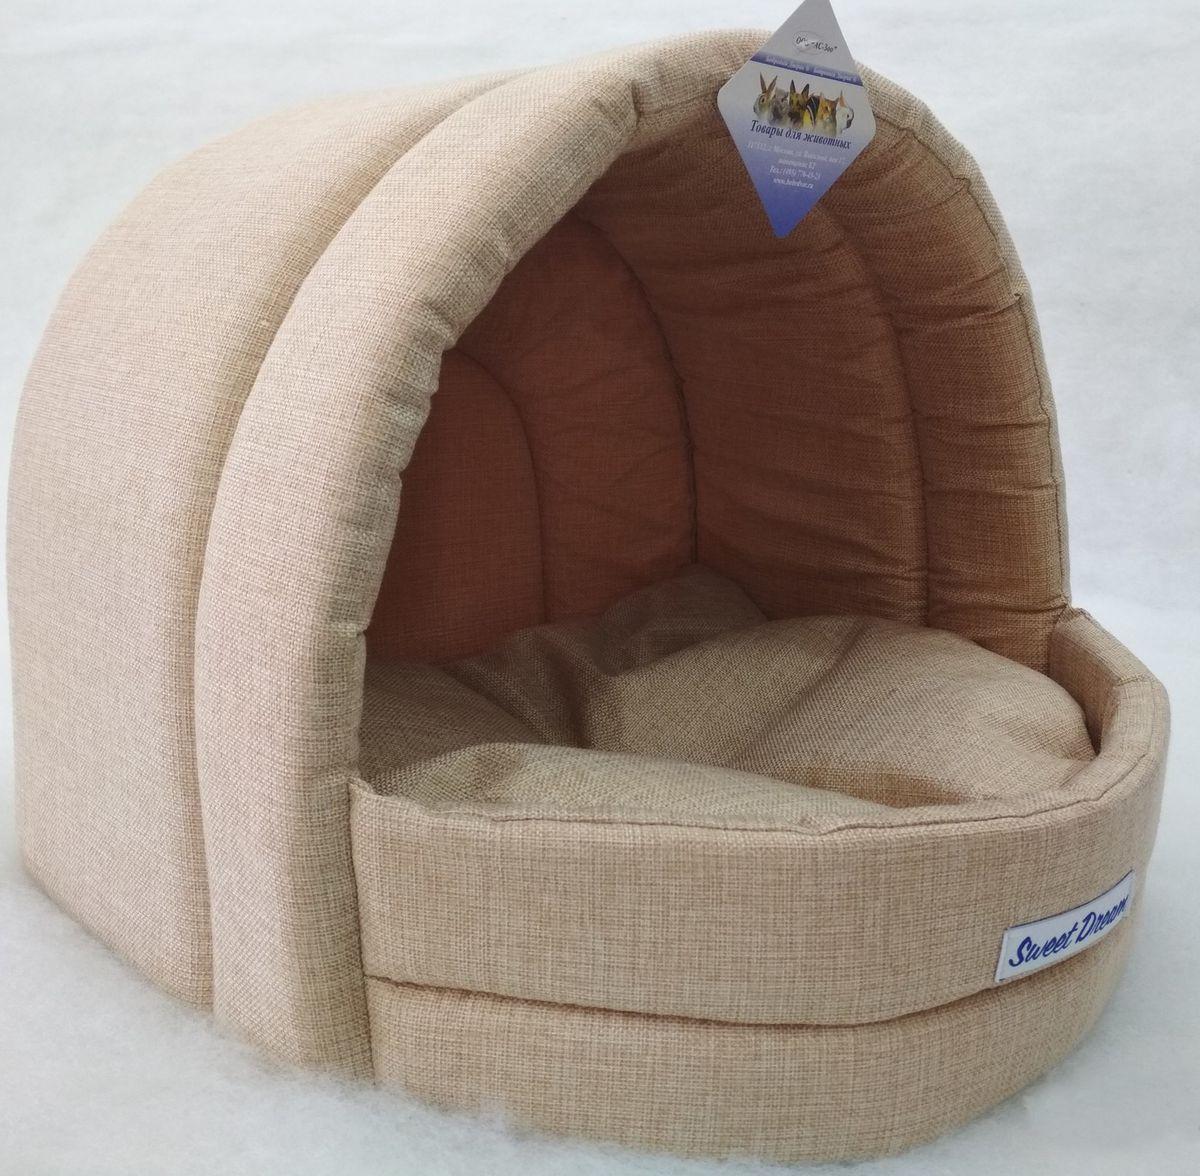 Домик для кошек и собак Бобровый Дворик Сладкий сон №2 эстрада, серый, 44x36x40см